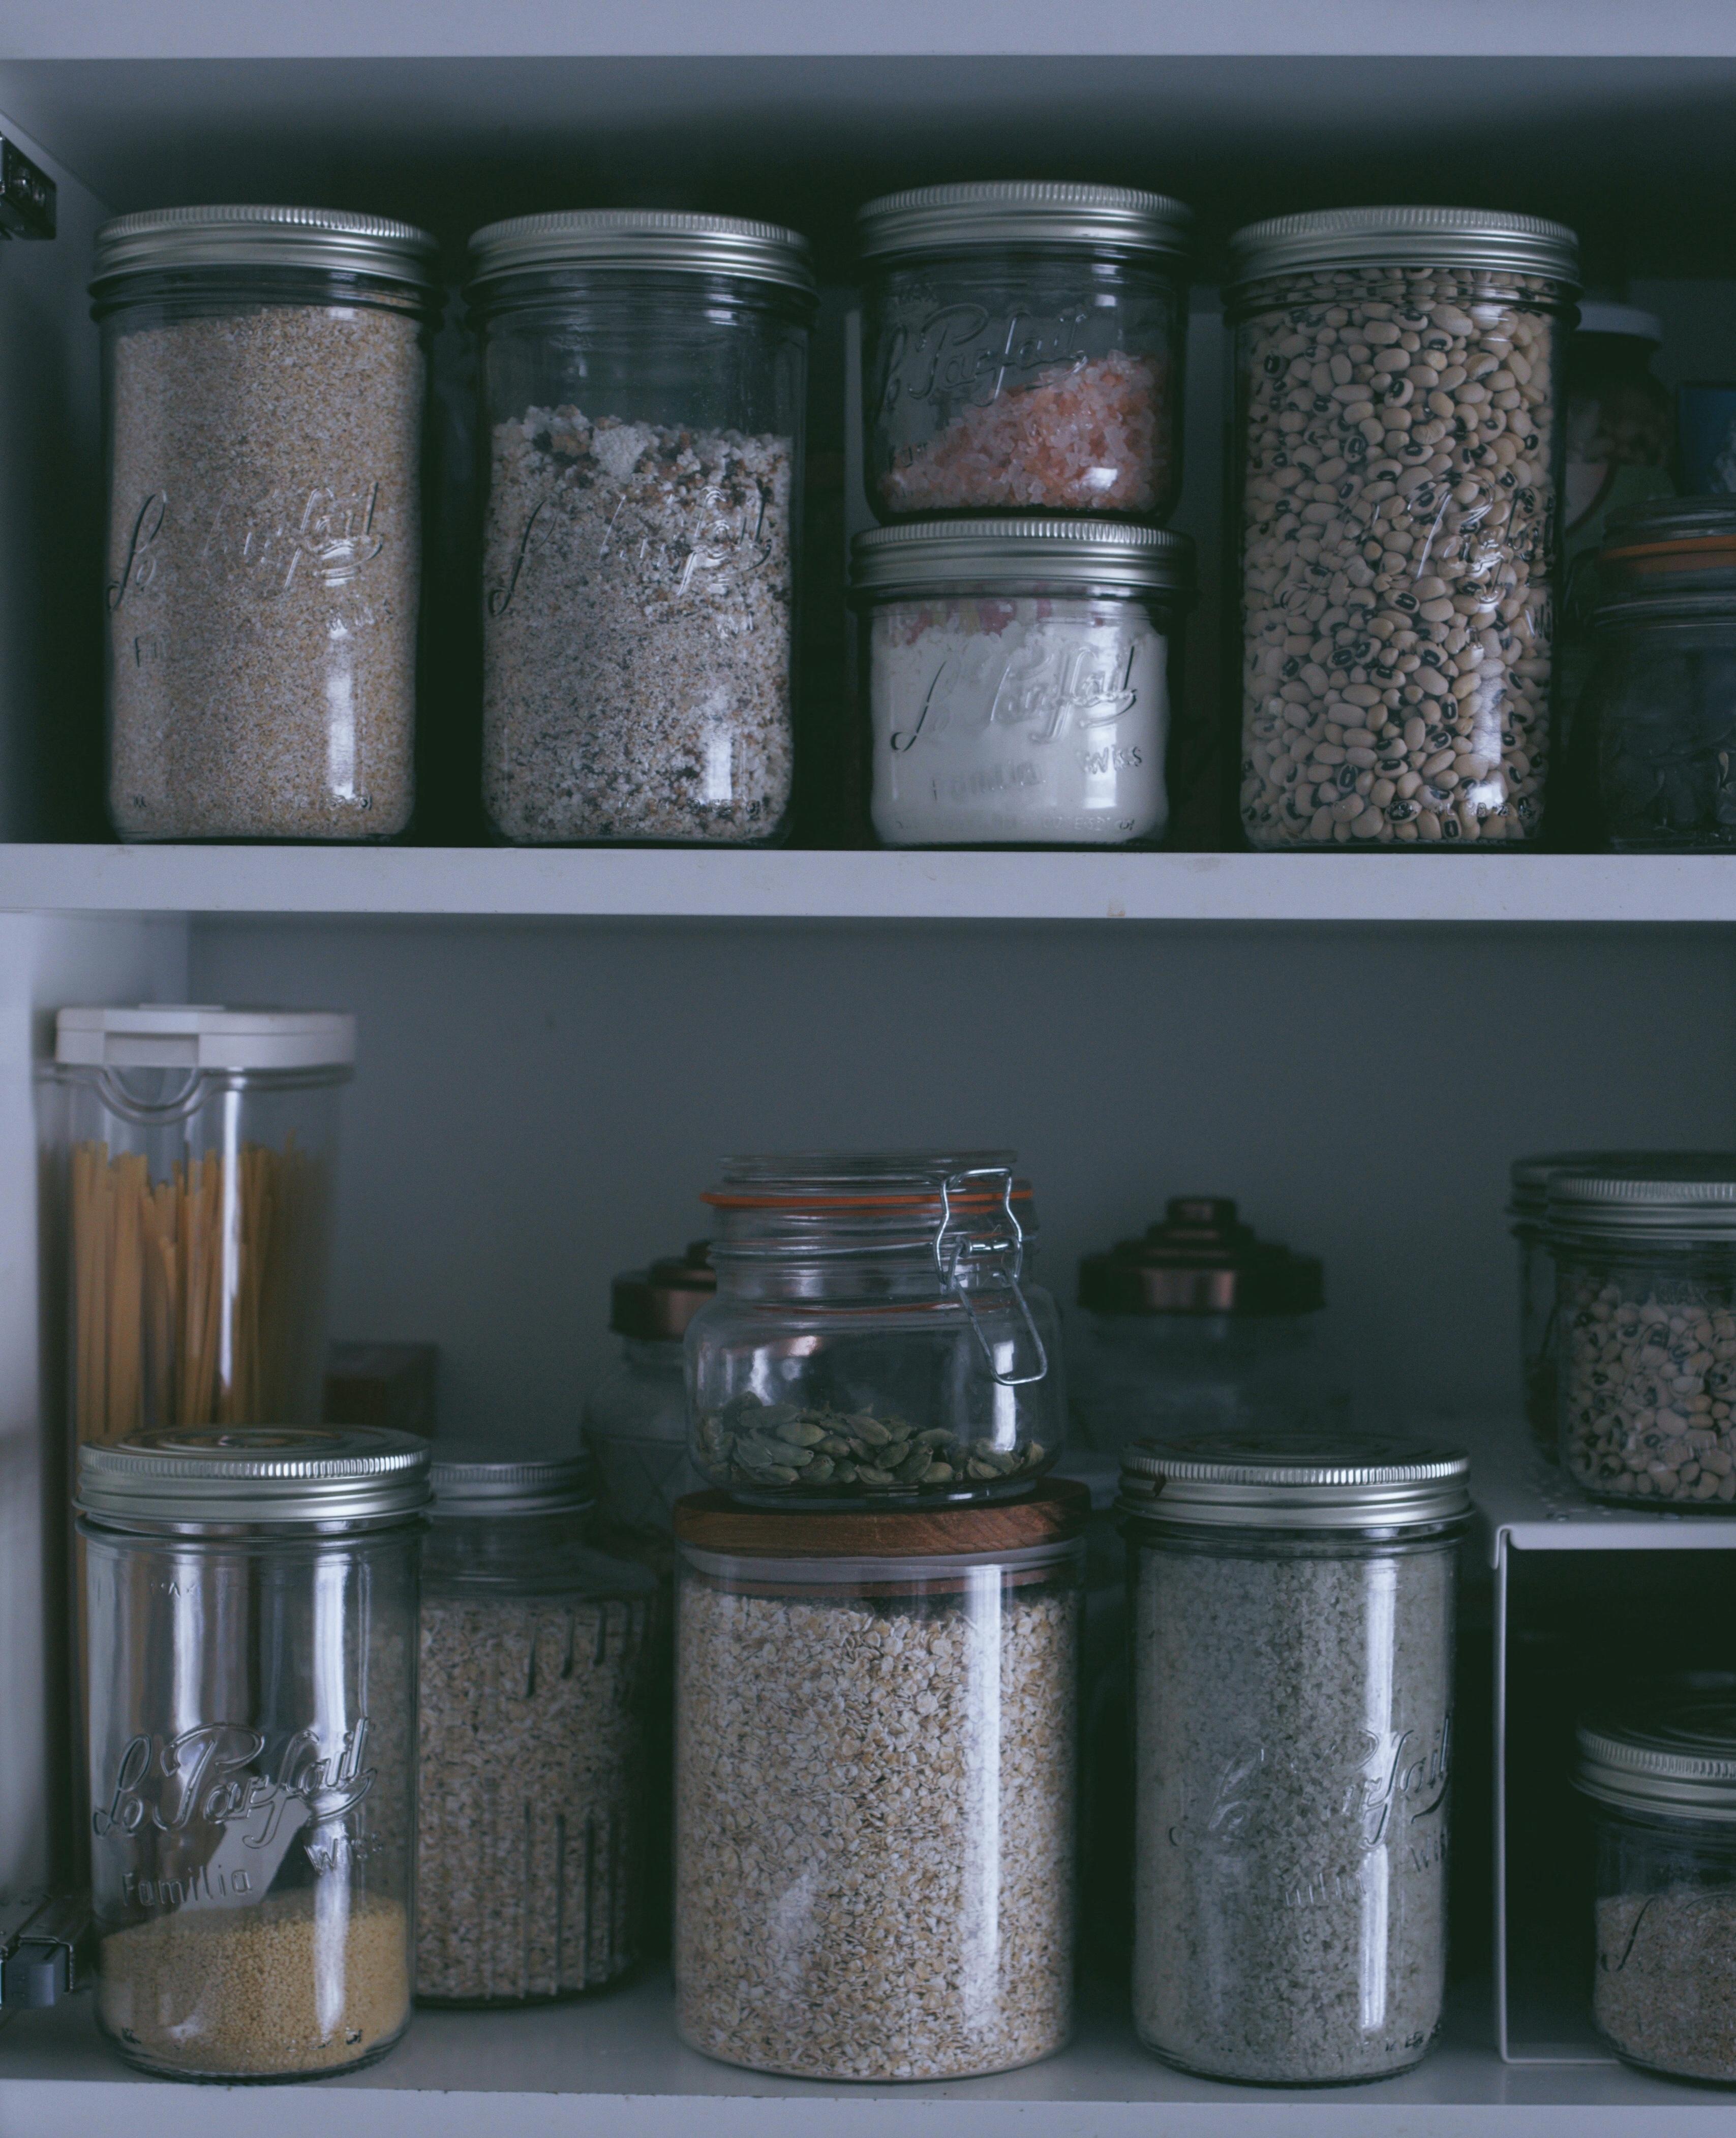 placard de cuisine rangé avec des bocaux en verre rempli de graine oléagineuses.